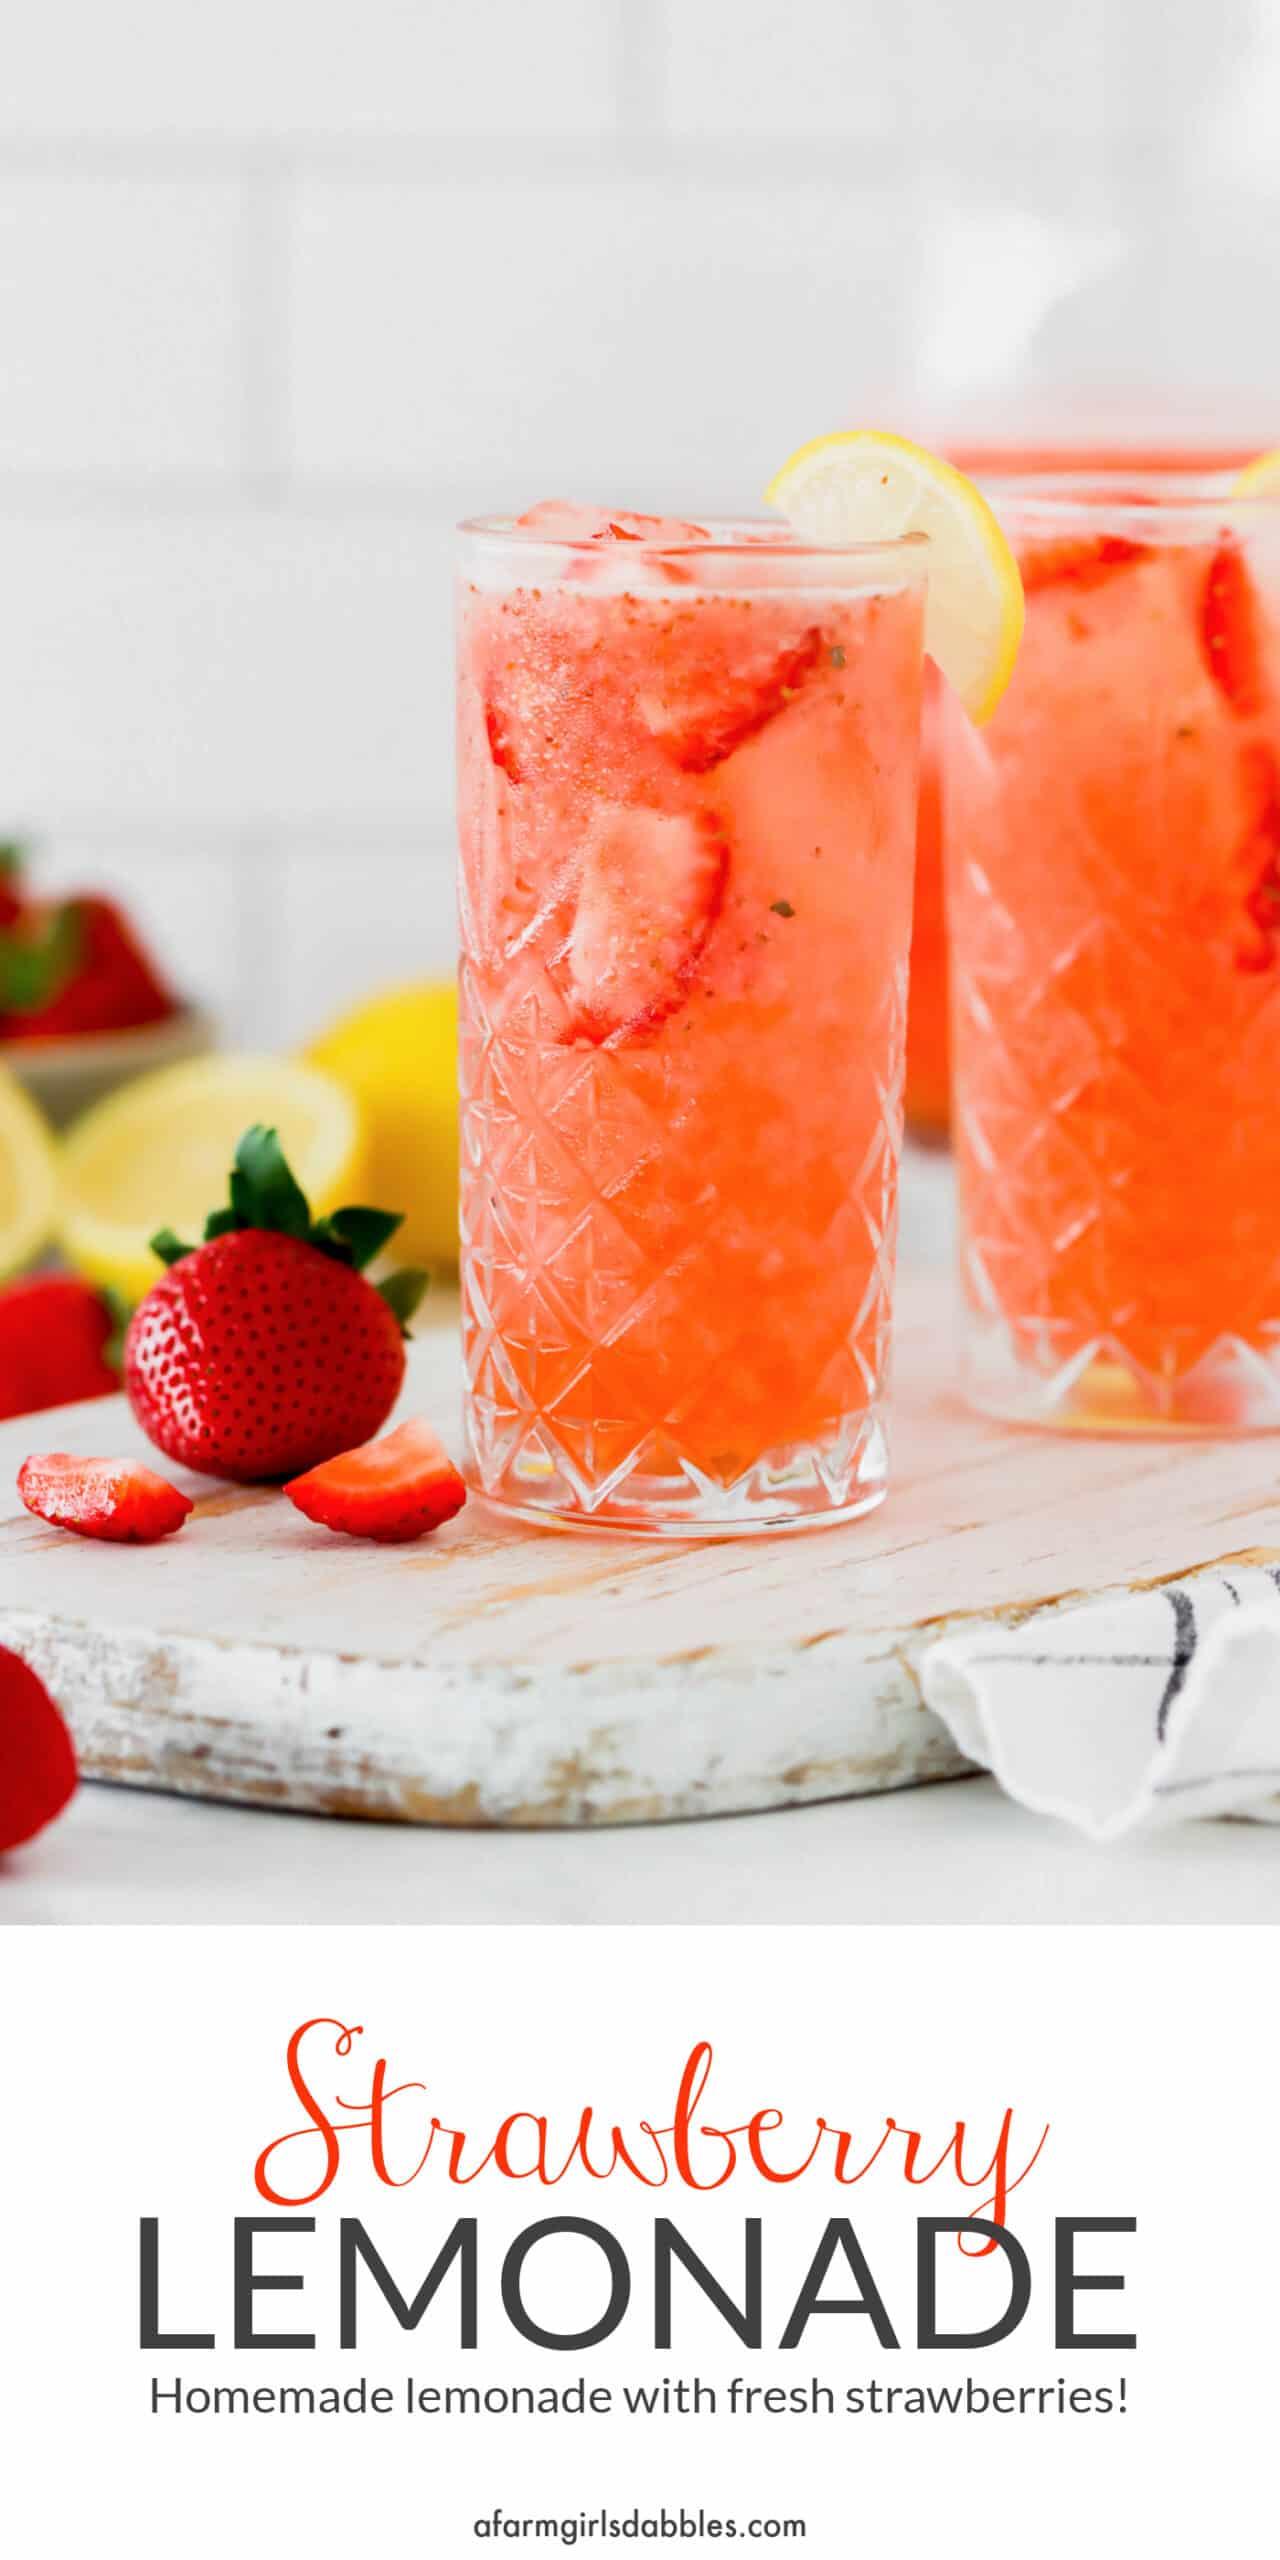 Pinterest image for Strawberry Lemonade